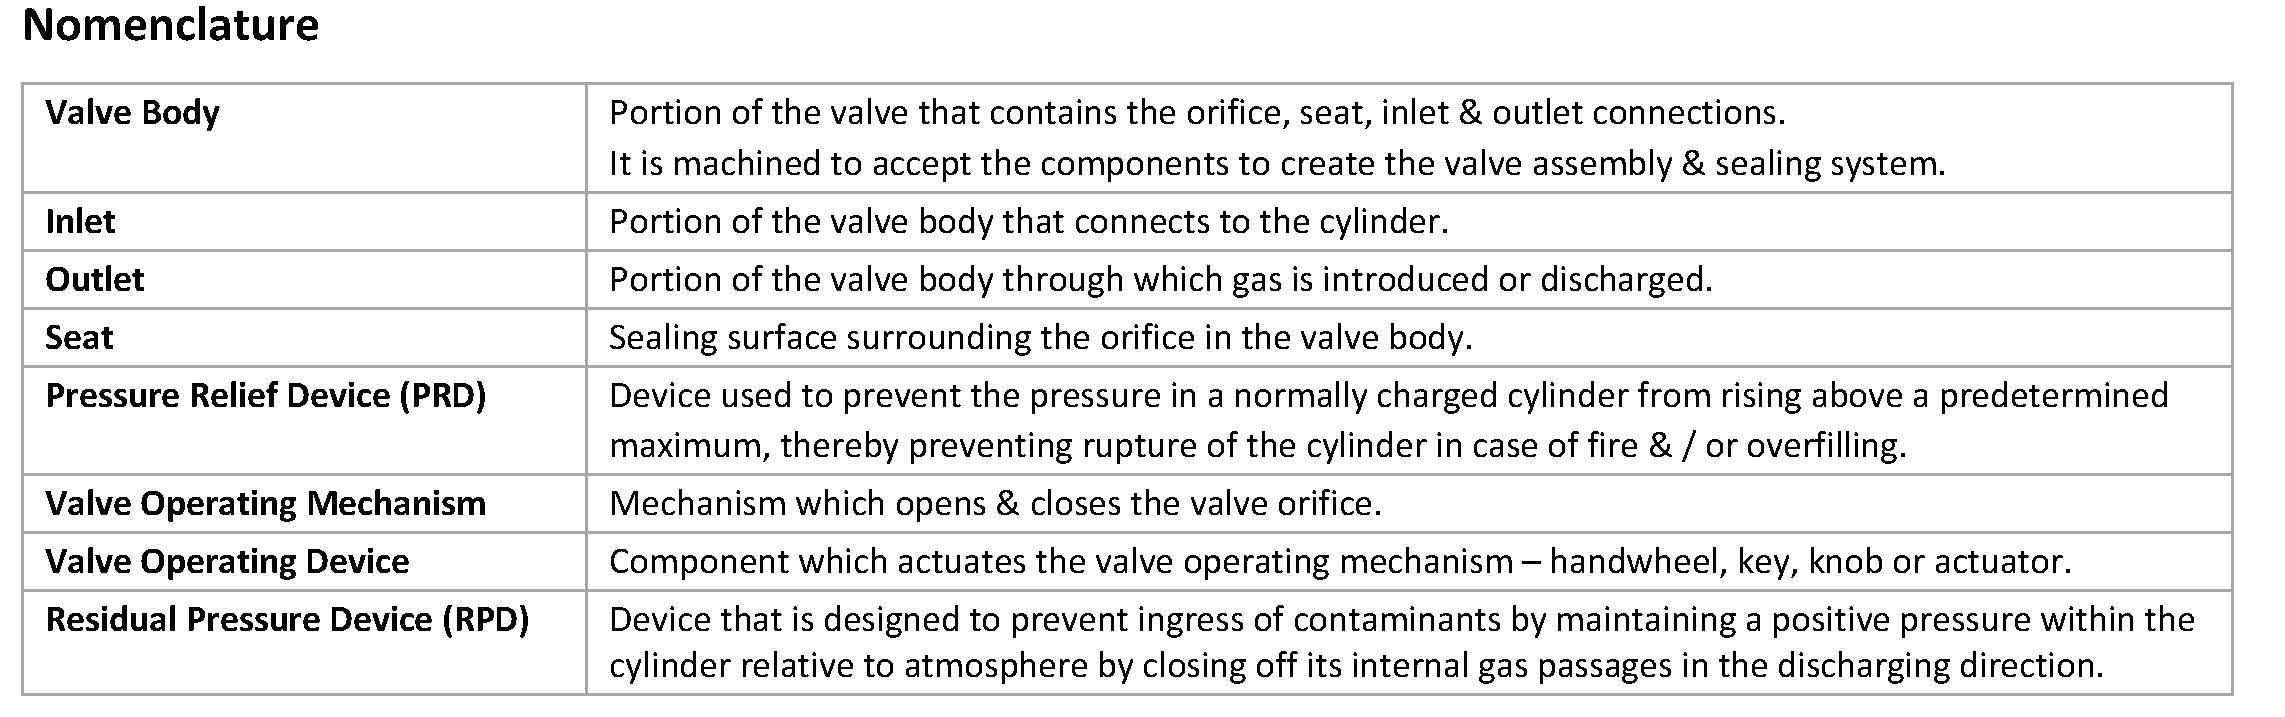 Describing common terminology when referring to valves